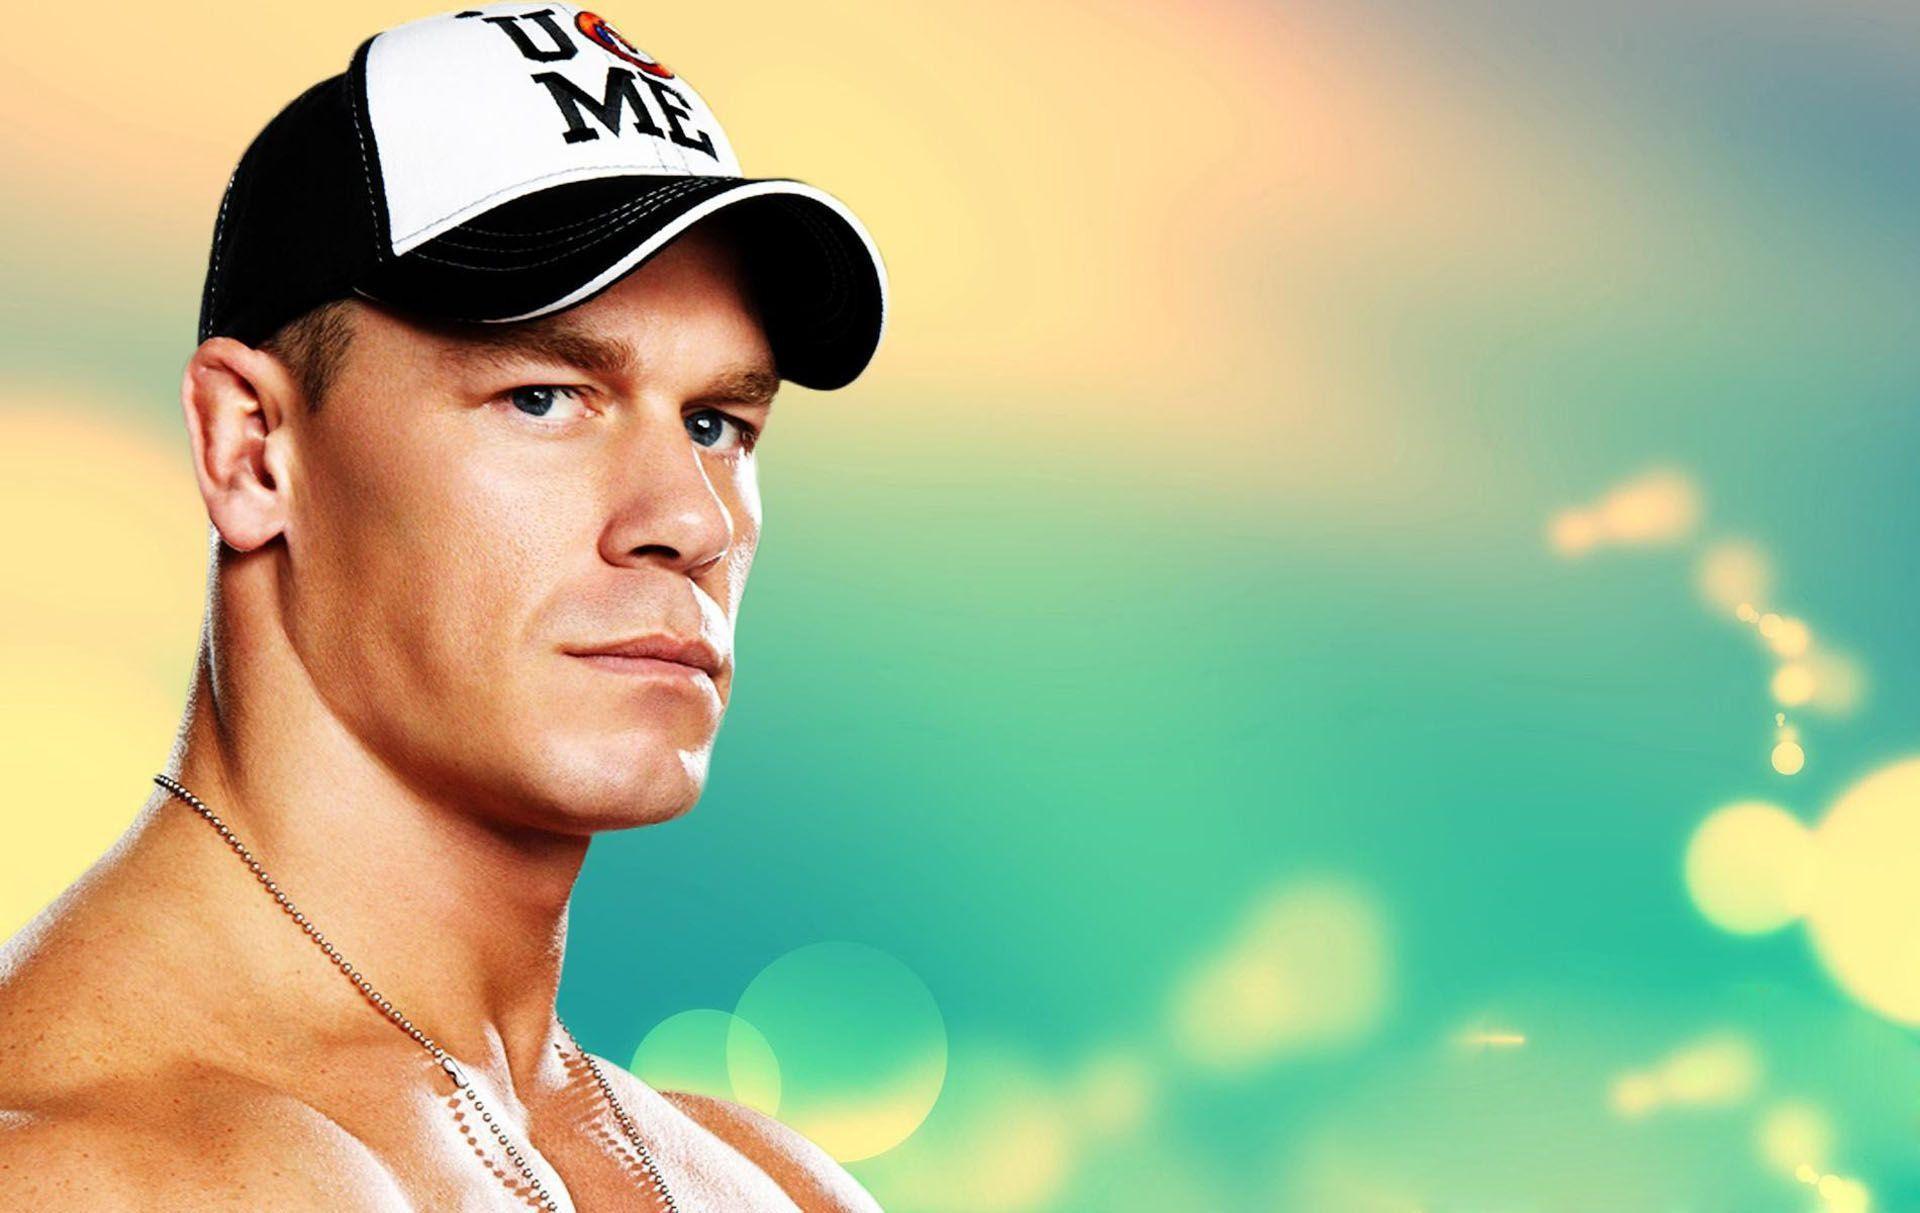 Wwe John Cena Wallpaper 2015 – WallpaperSafari